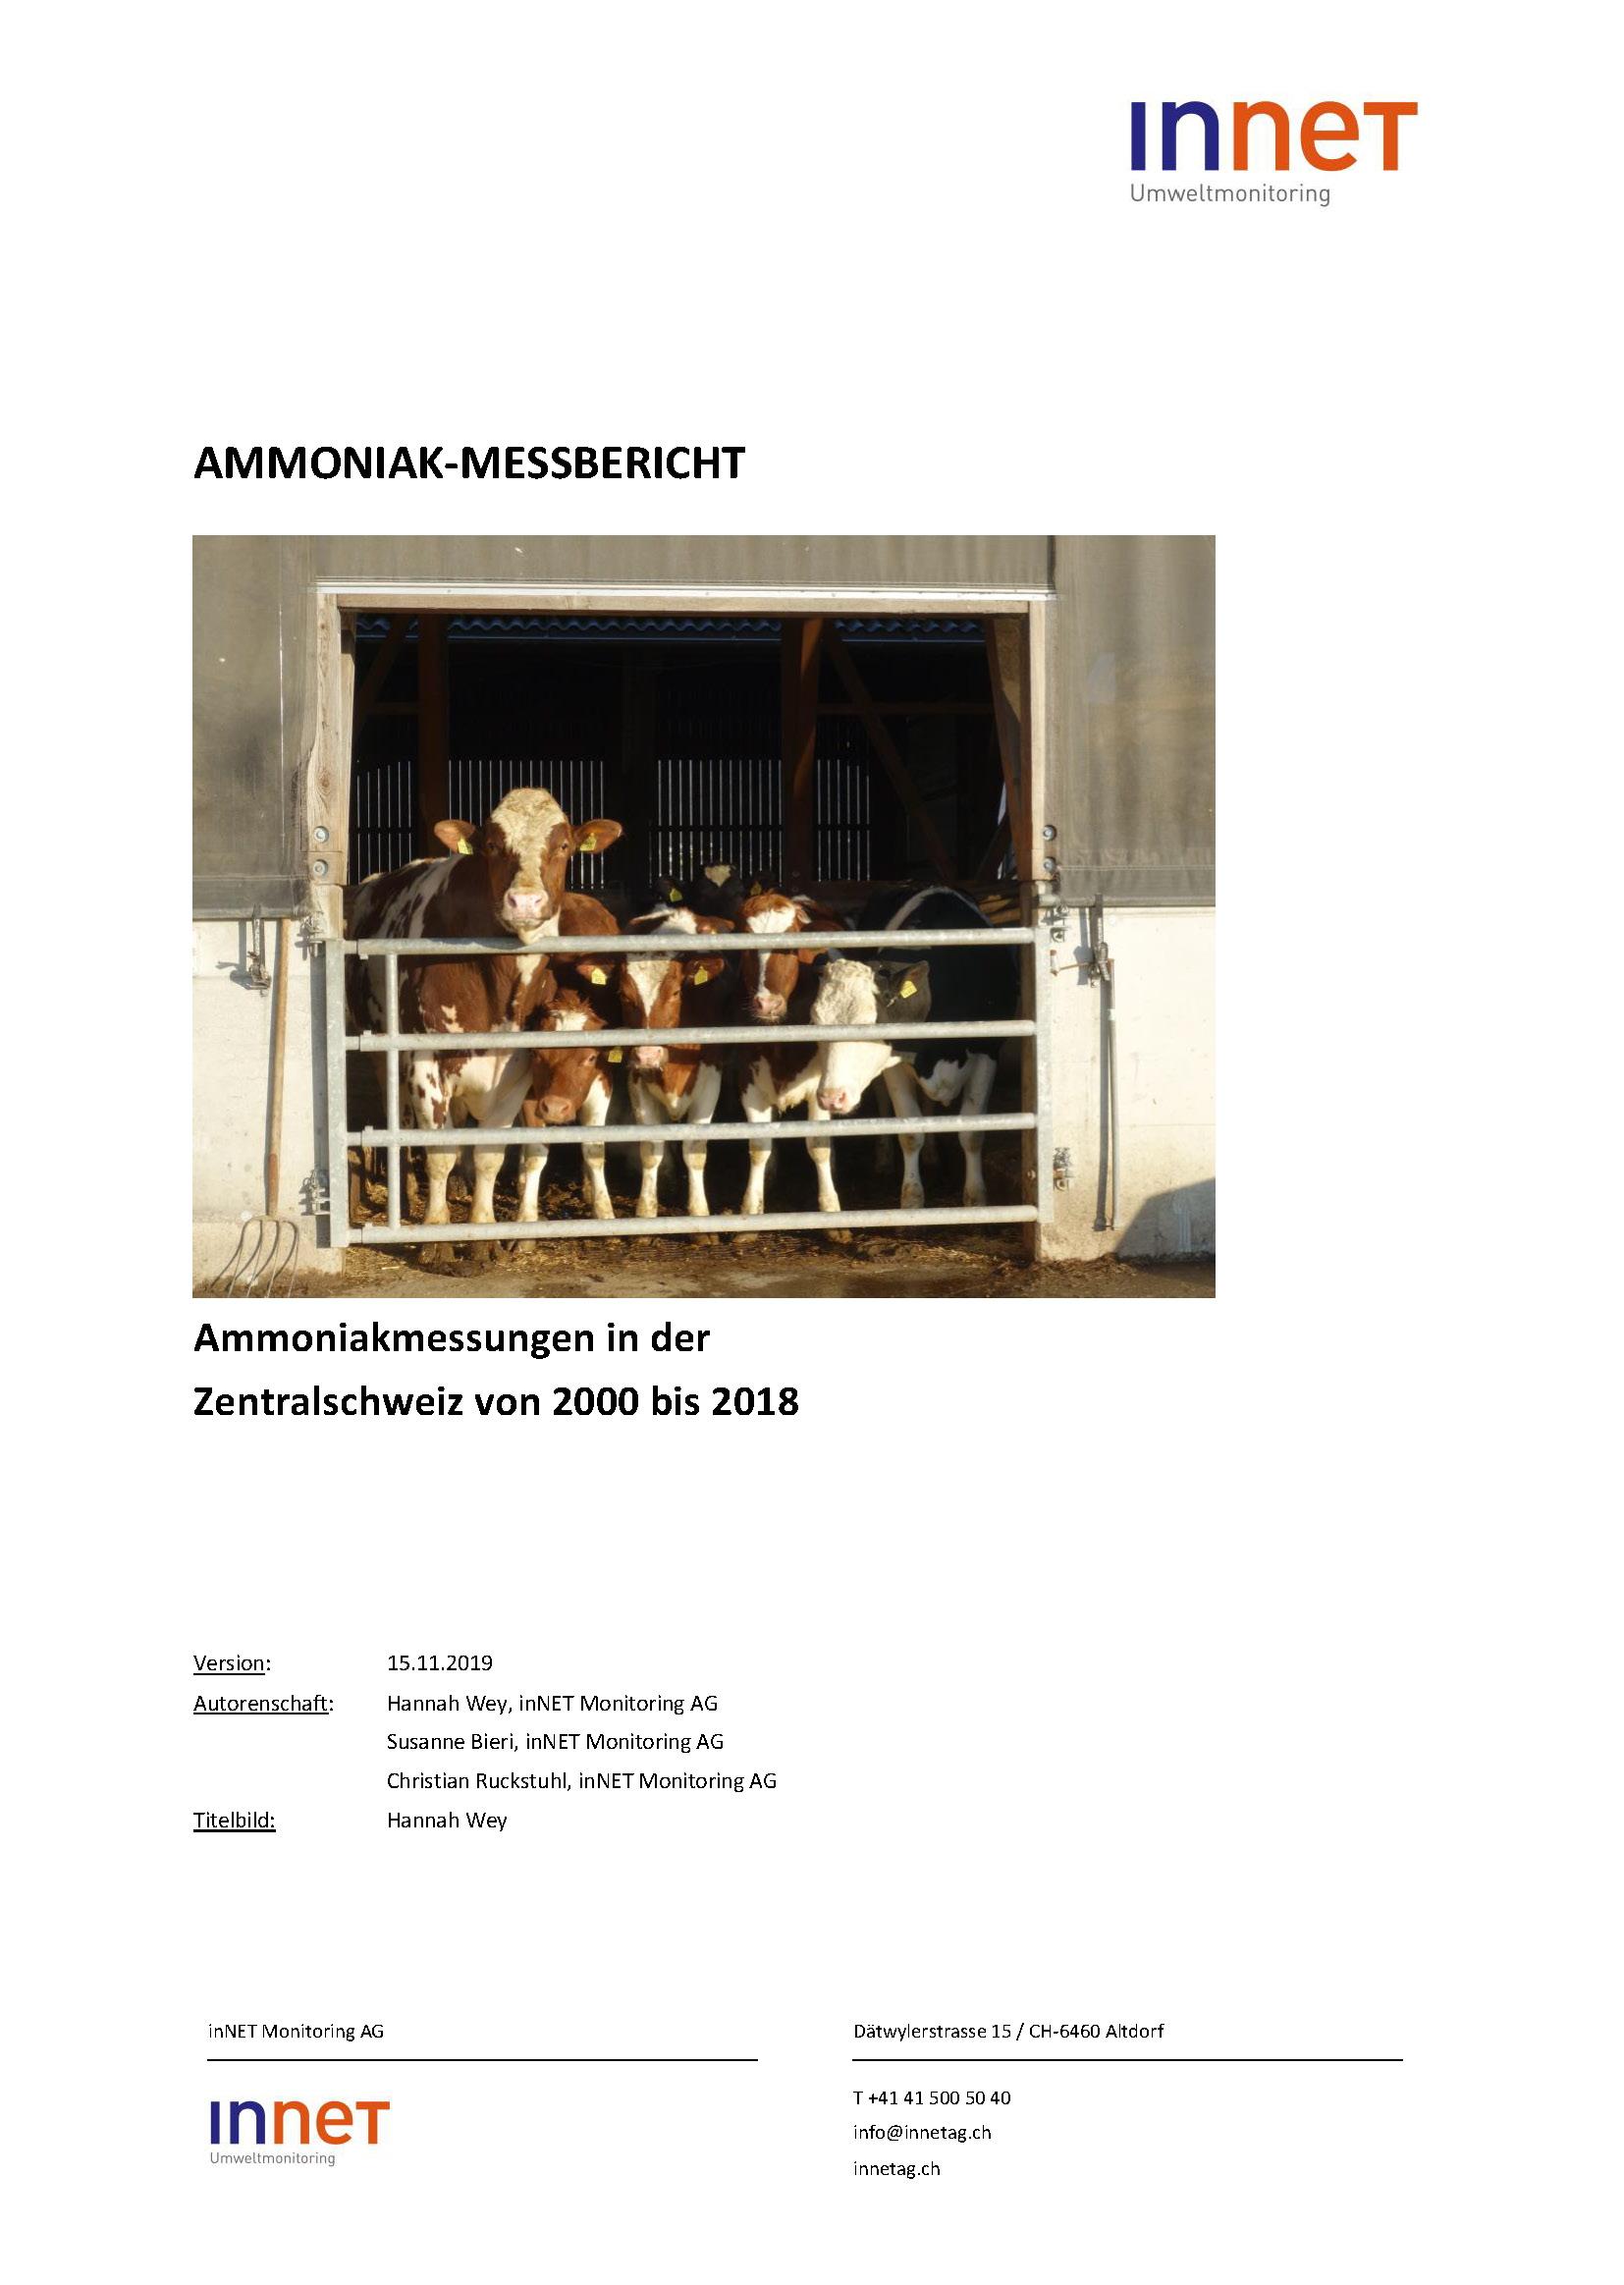 Titelbild Ammoniak-Messbericht 2000 bis 2018